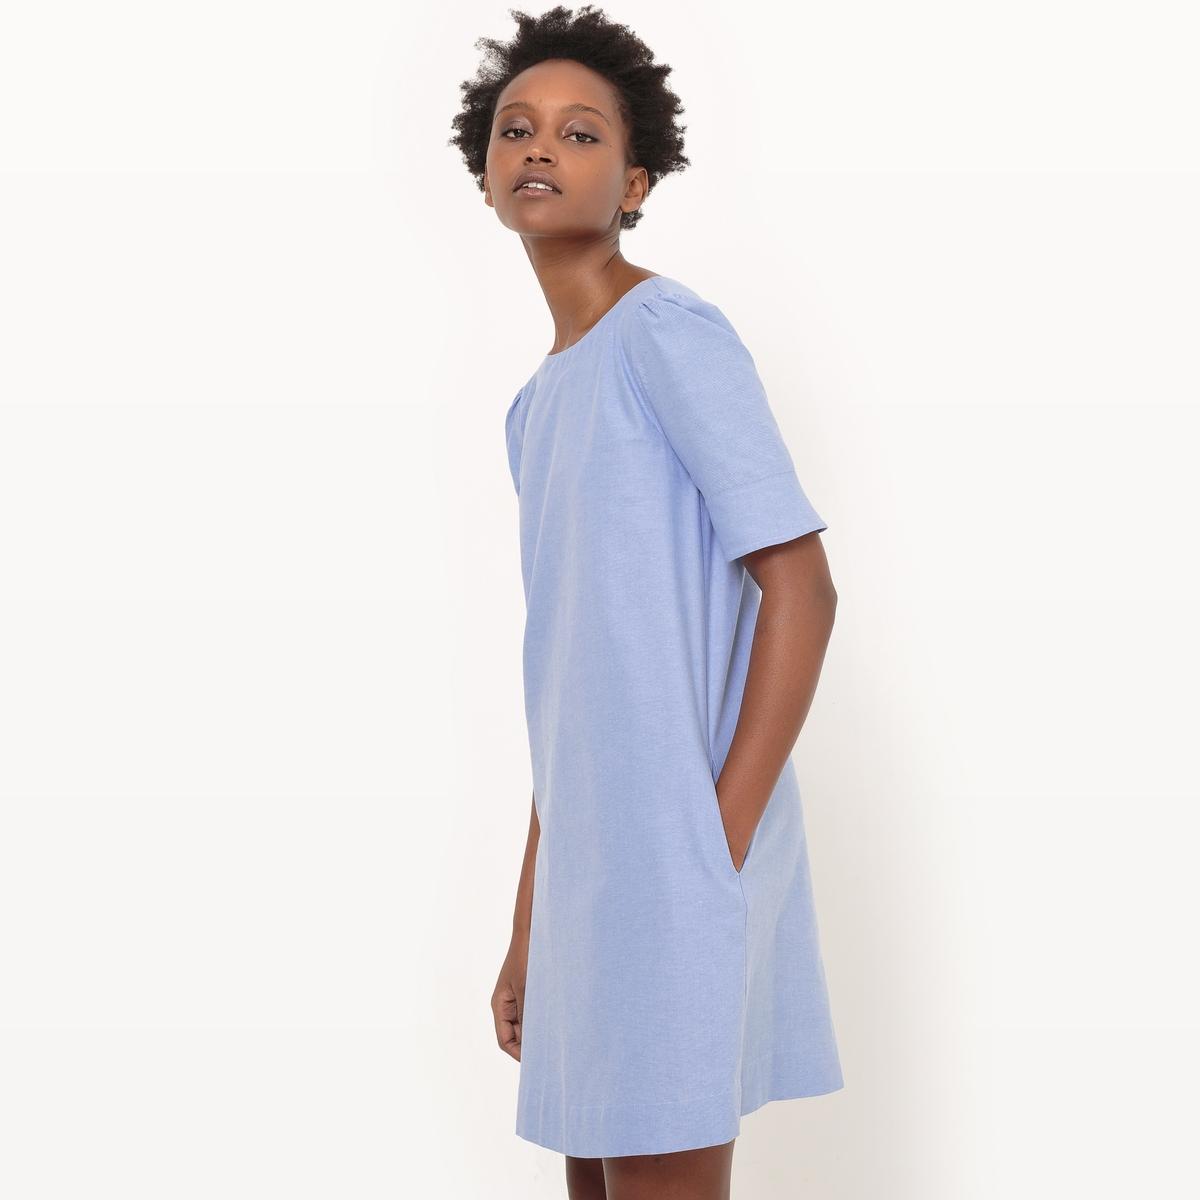 Платье-футляр в стиле оксфорд с короткими рукавамиМатериал : 100% хлопок  Длина рукава : короткие рукава  Форма воротника : круглый вырез Покрой платья : расклешенное платье Рисунок : однотонная модель   Длина платья : короткое<br><br>Цвет: синий меланж<br>Размер: 48 (FR) - 54 (RUS).46 (FR) - 52 (RUS).34 (FR) - 40 (RUS)